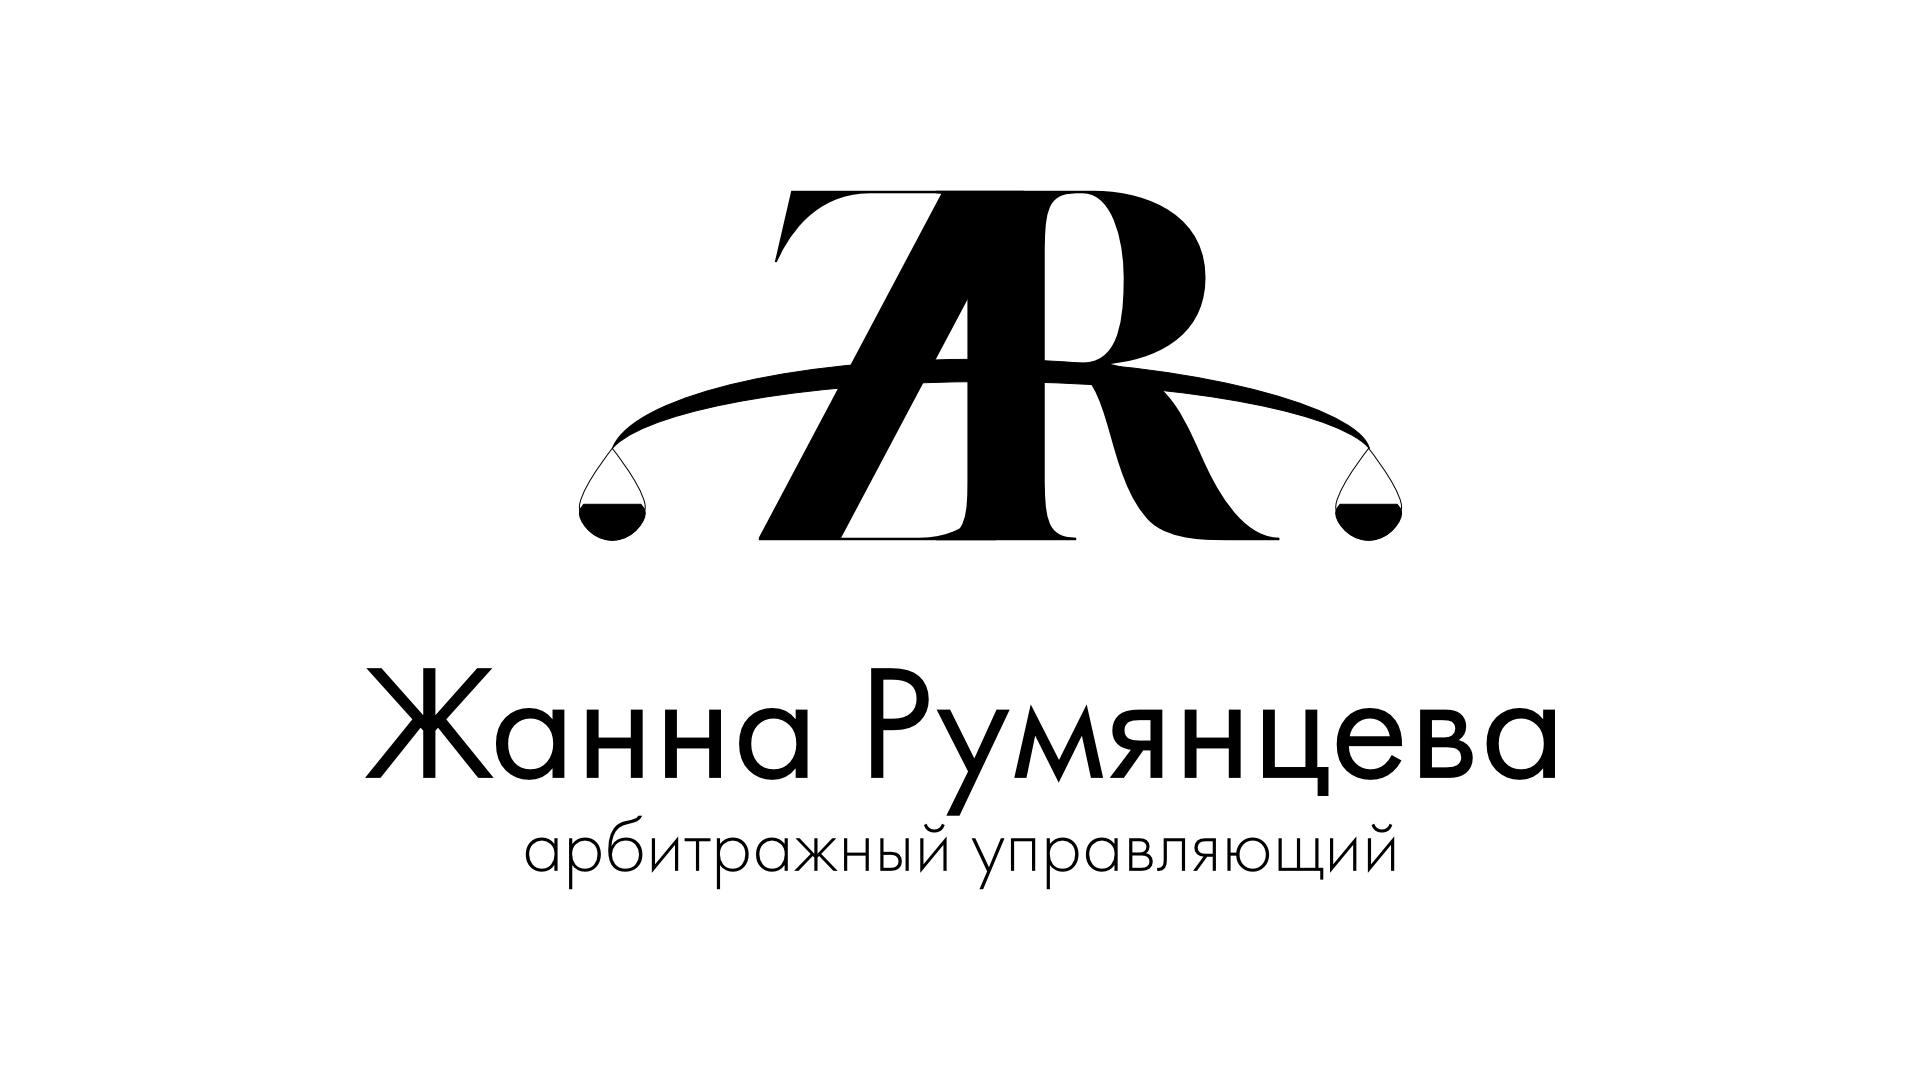 Логотип личного бренда Арбитражного управляющего